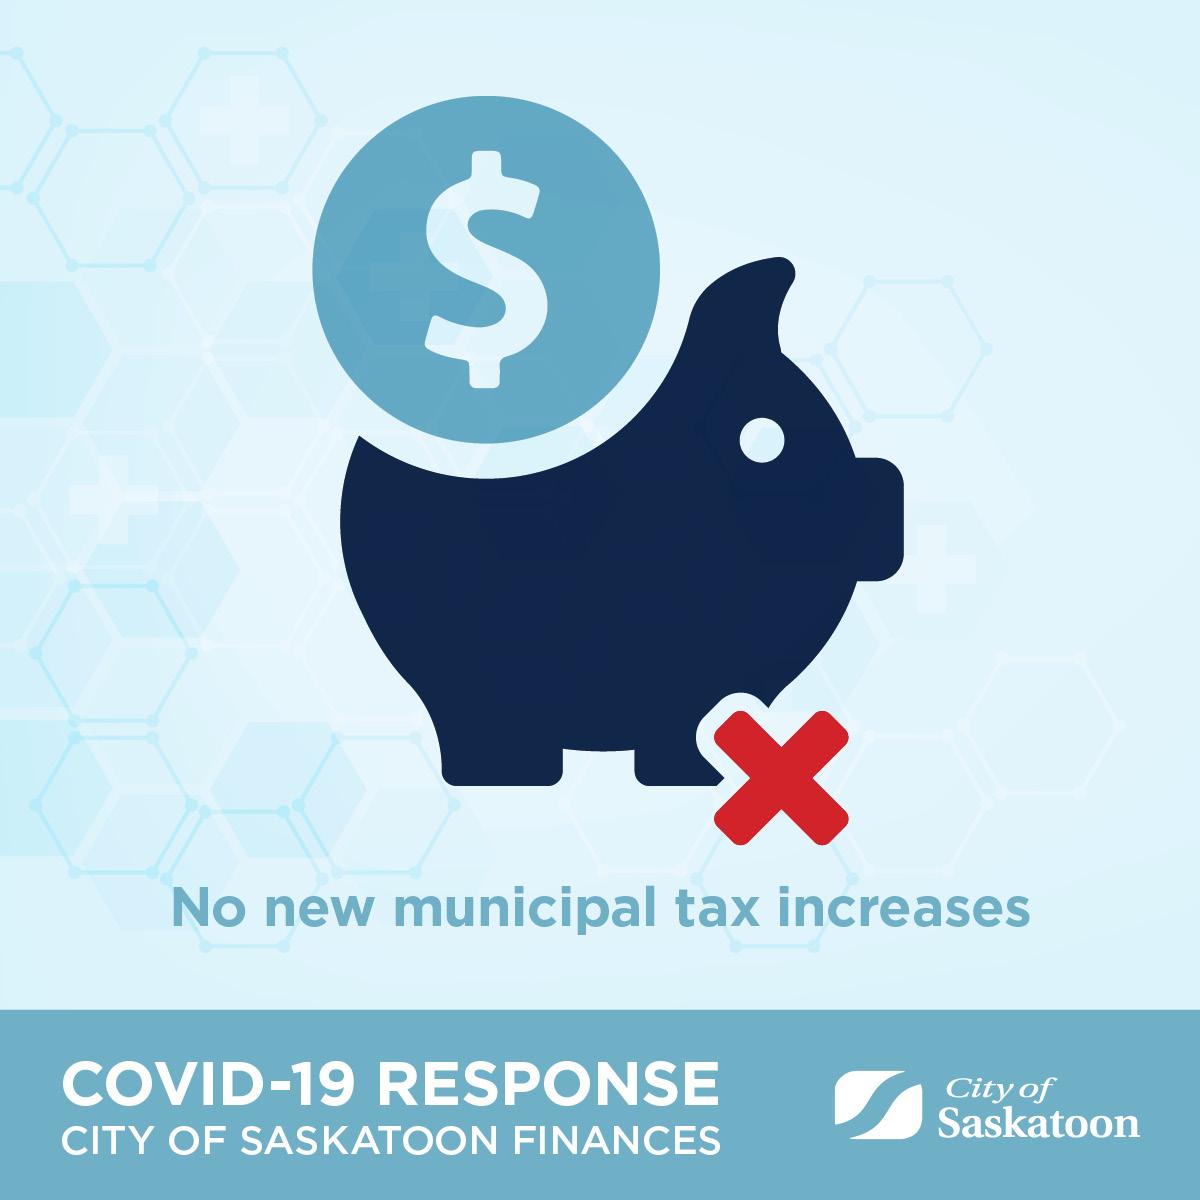 CofS_COVID-Finances_InstaFace_1-Taxes_2.jpg